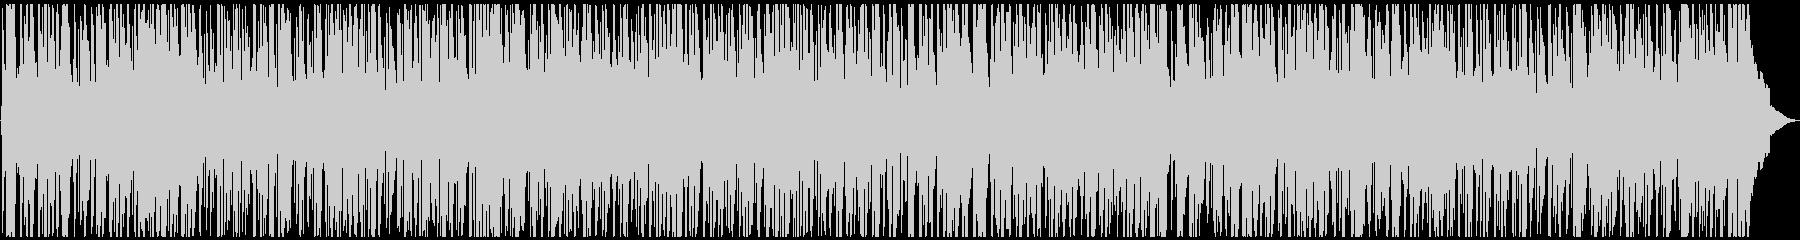 爽やか、軽快なPOP調BGMの未再生の波形